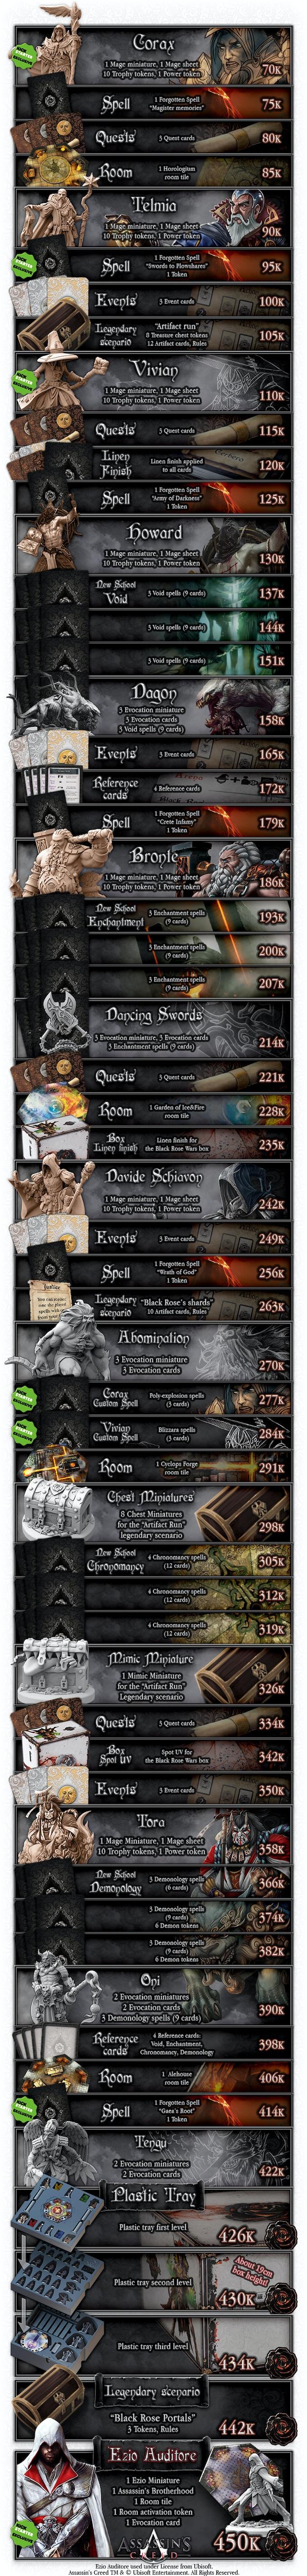 Black Rose Wars by Ludus Magnus Studio — Kickstarter